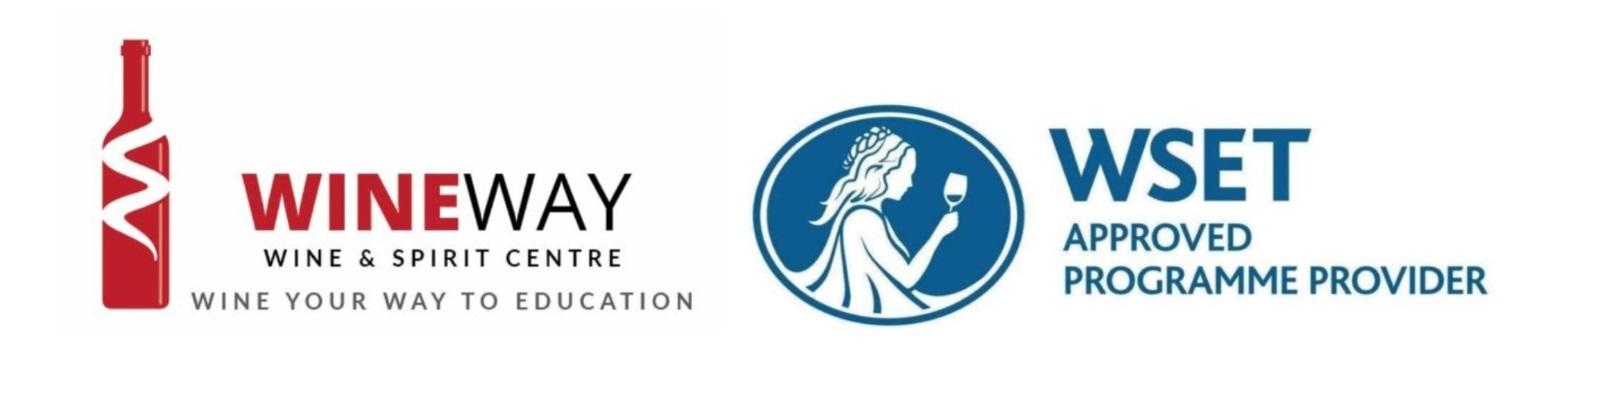 logo so app